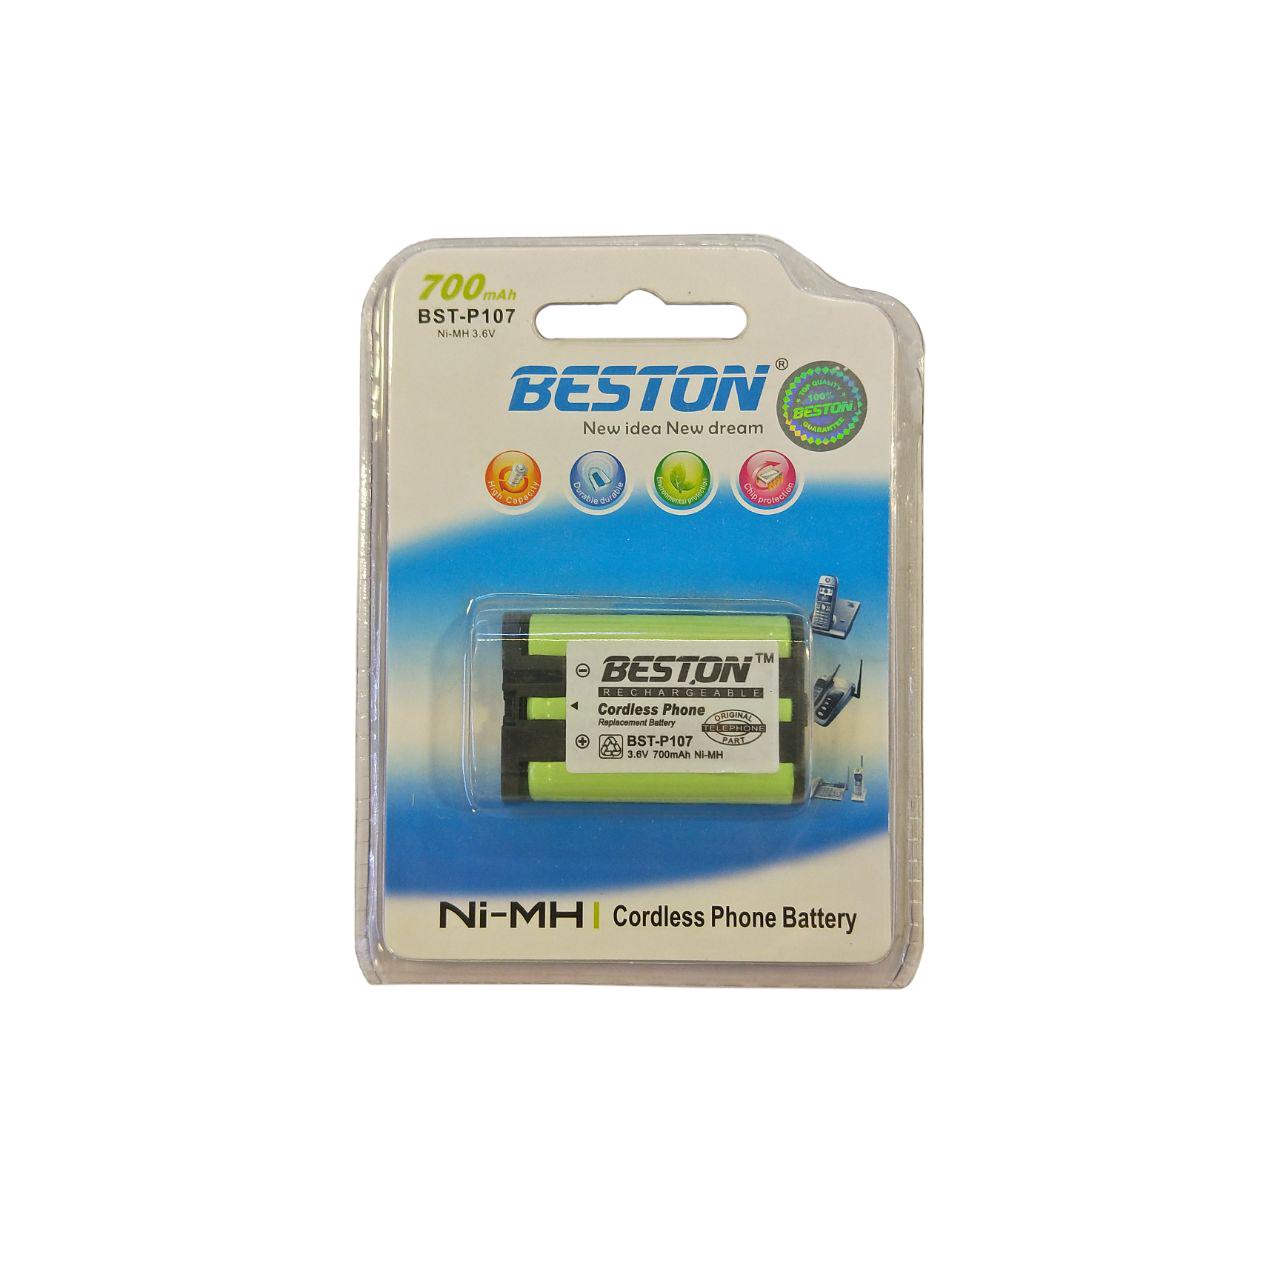 باتری تلفن بی سیم بستون مدل BST-P107